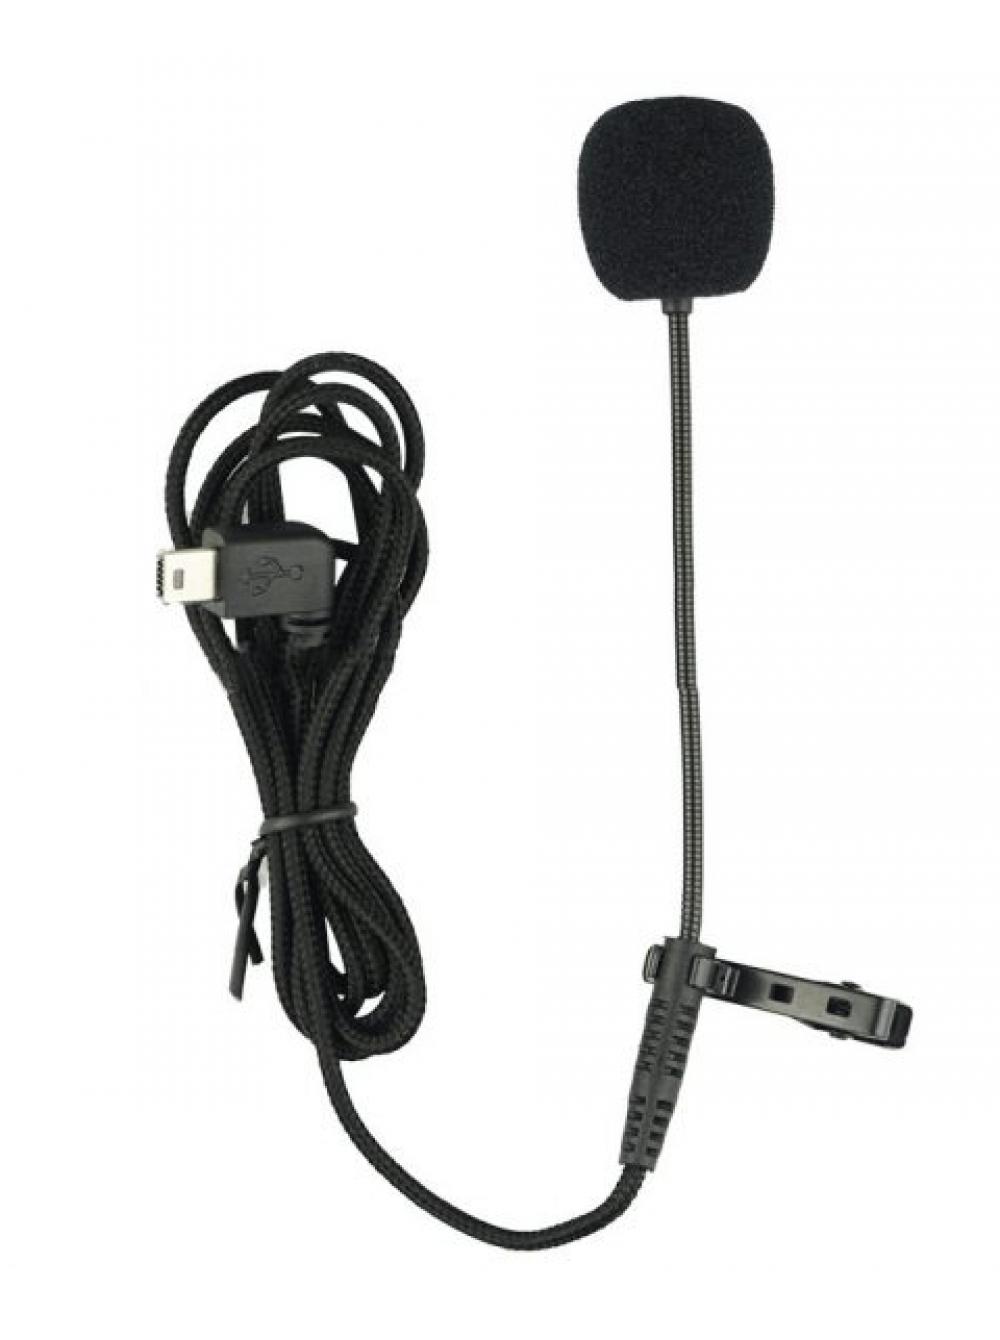 Внешний микрофон SJCAM для SJ6 / SJ7 / SJ360 (тип-B)